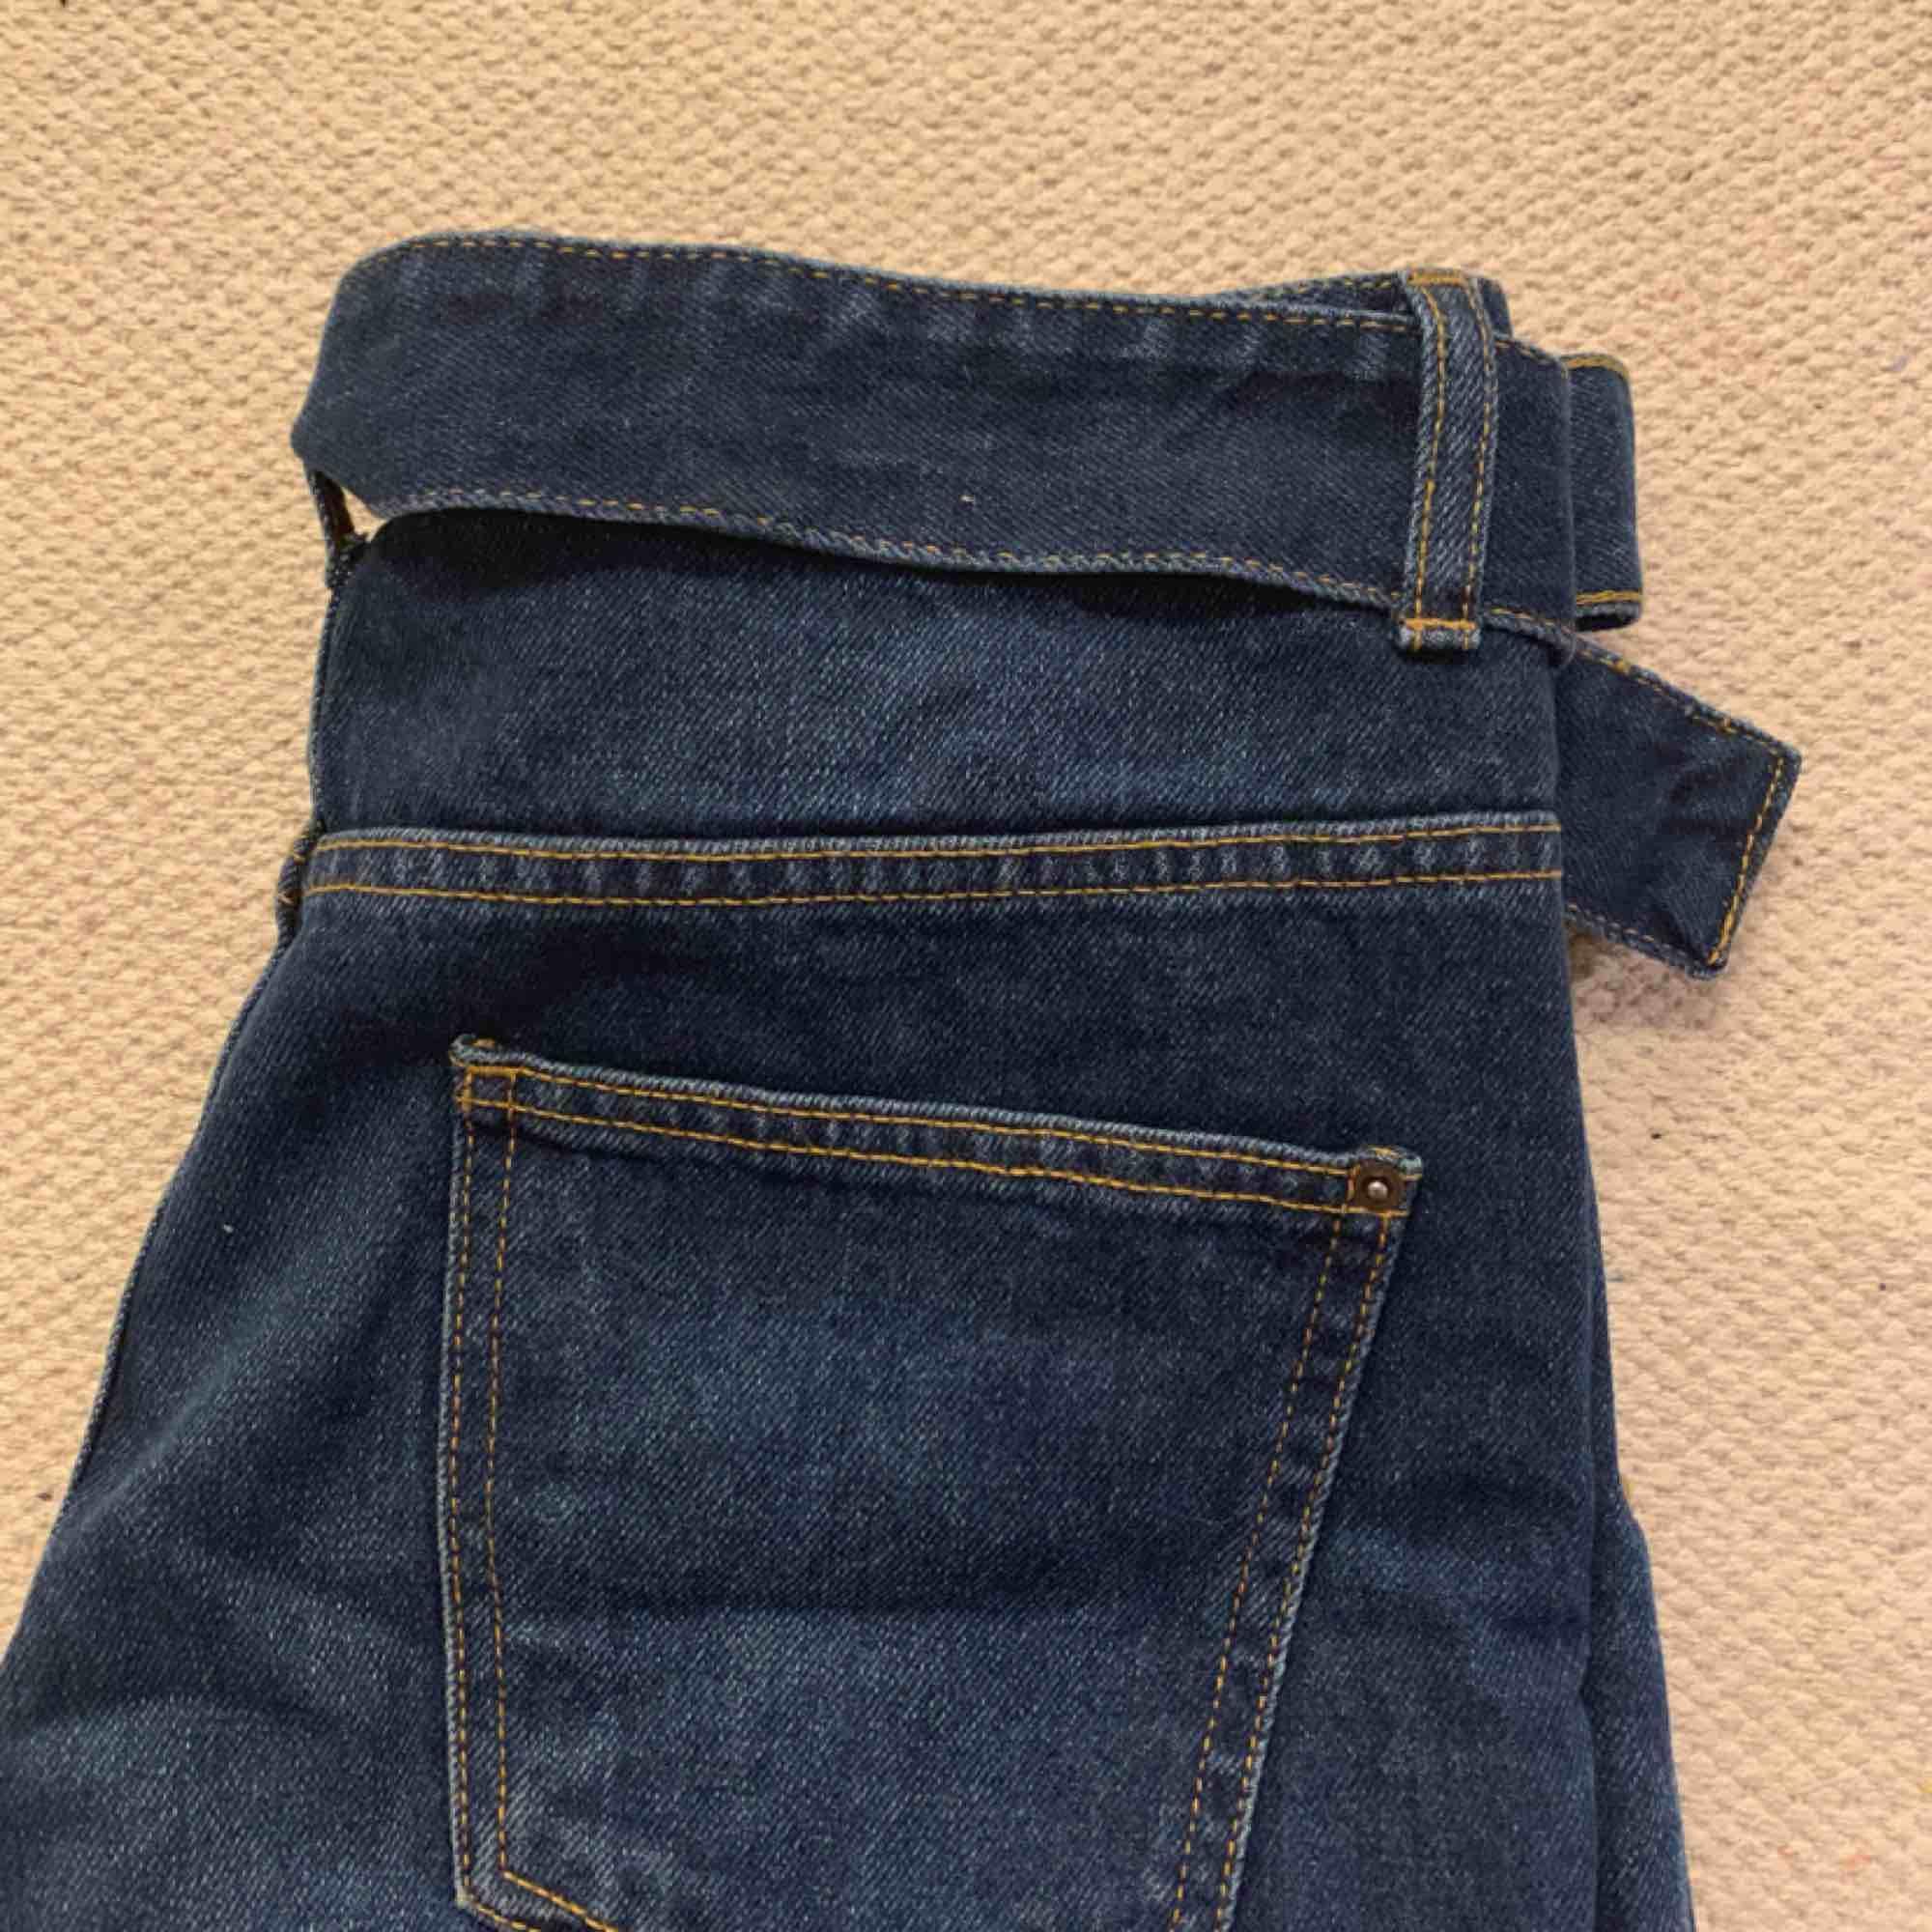 Jeans zara raka med bälte  Storlek 38  150 ink  Fint skick använda 1 gng. Jeans & Byxor.